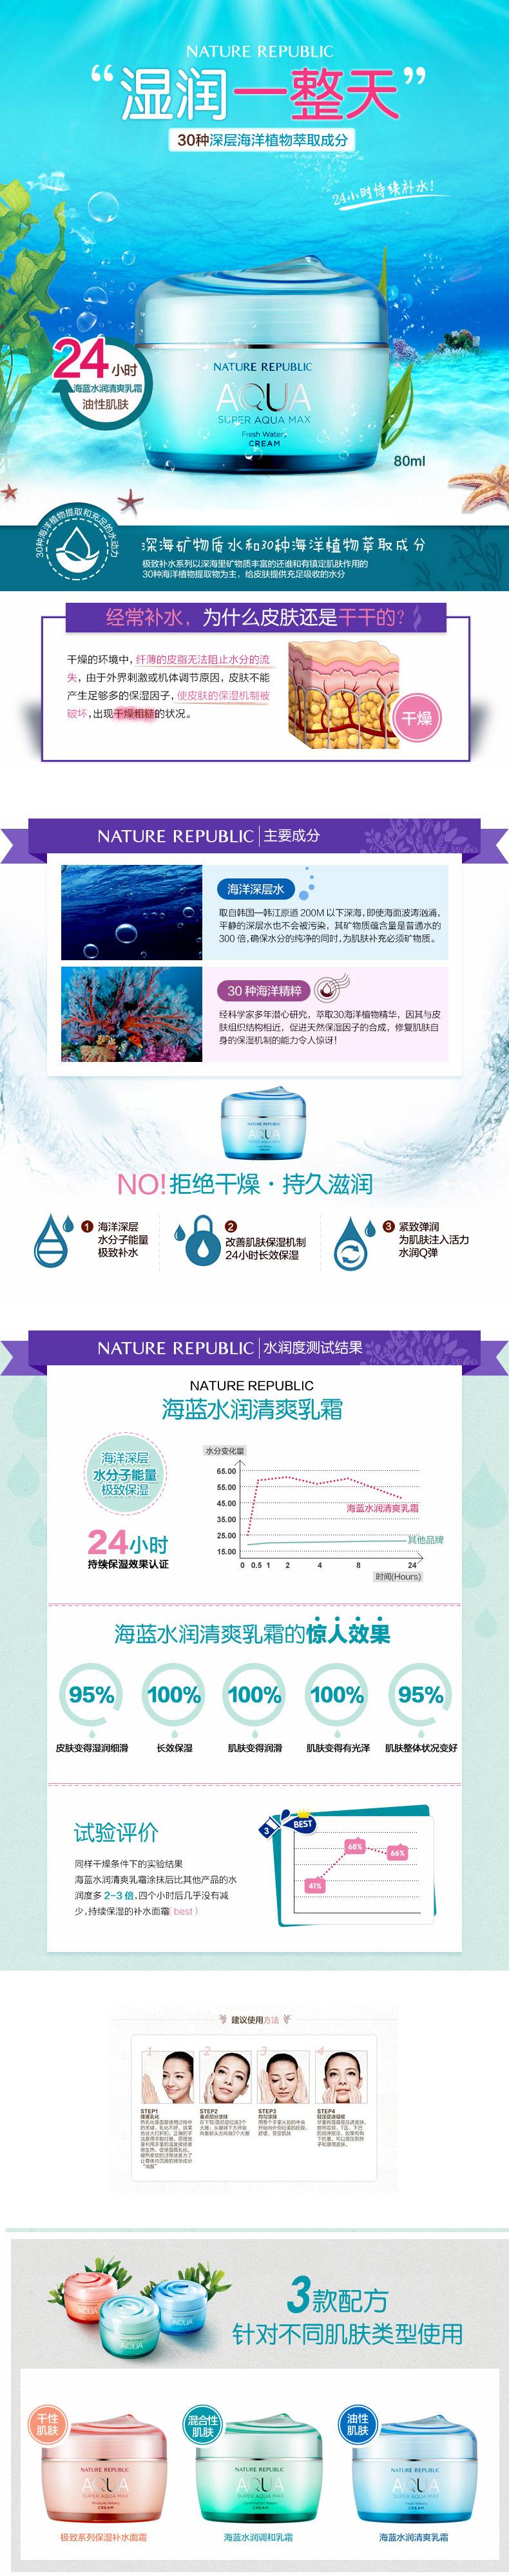 [ NATURE REPUBLIC ] Super Aqua最新鲜的稀薄的乳80 ml油性皮肤的类型。